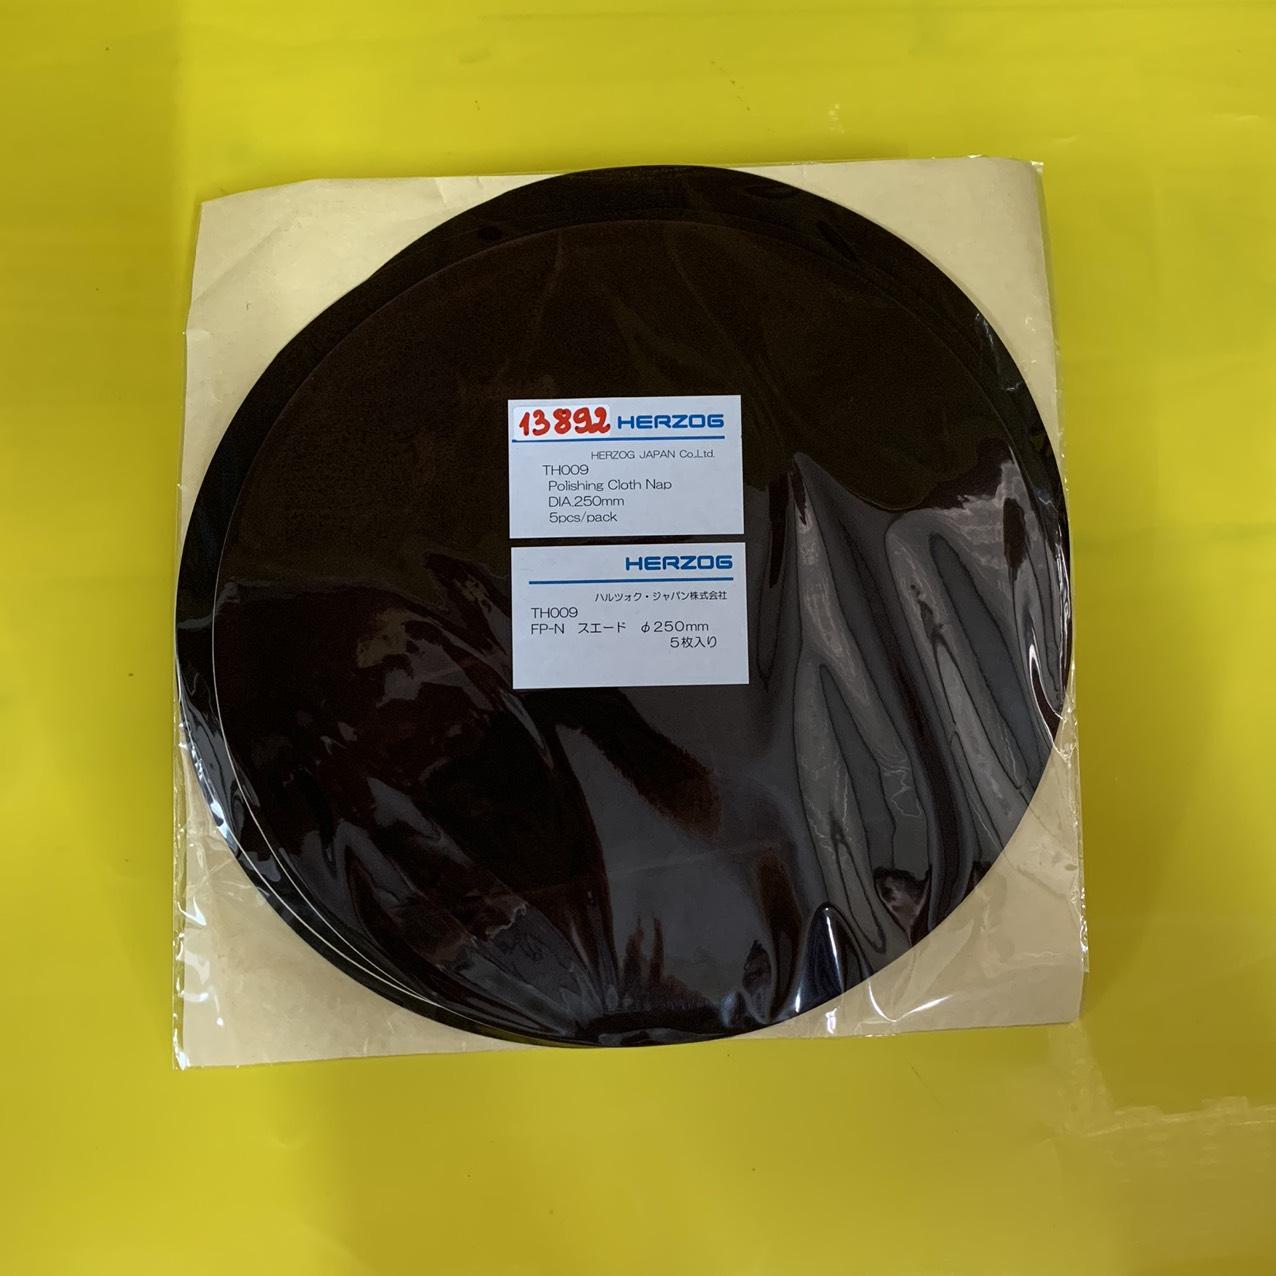 Vải đánh bóng tinh dùng với dung dịch đánh bóng, kích thước hạt 3~0.1µ, đường kính 250mm  TH009 Herzog